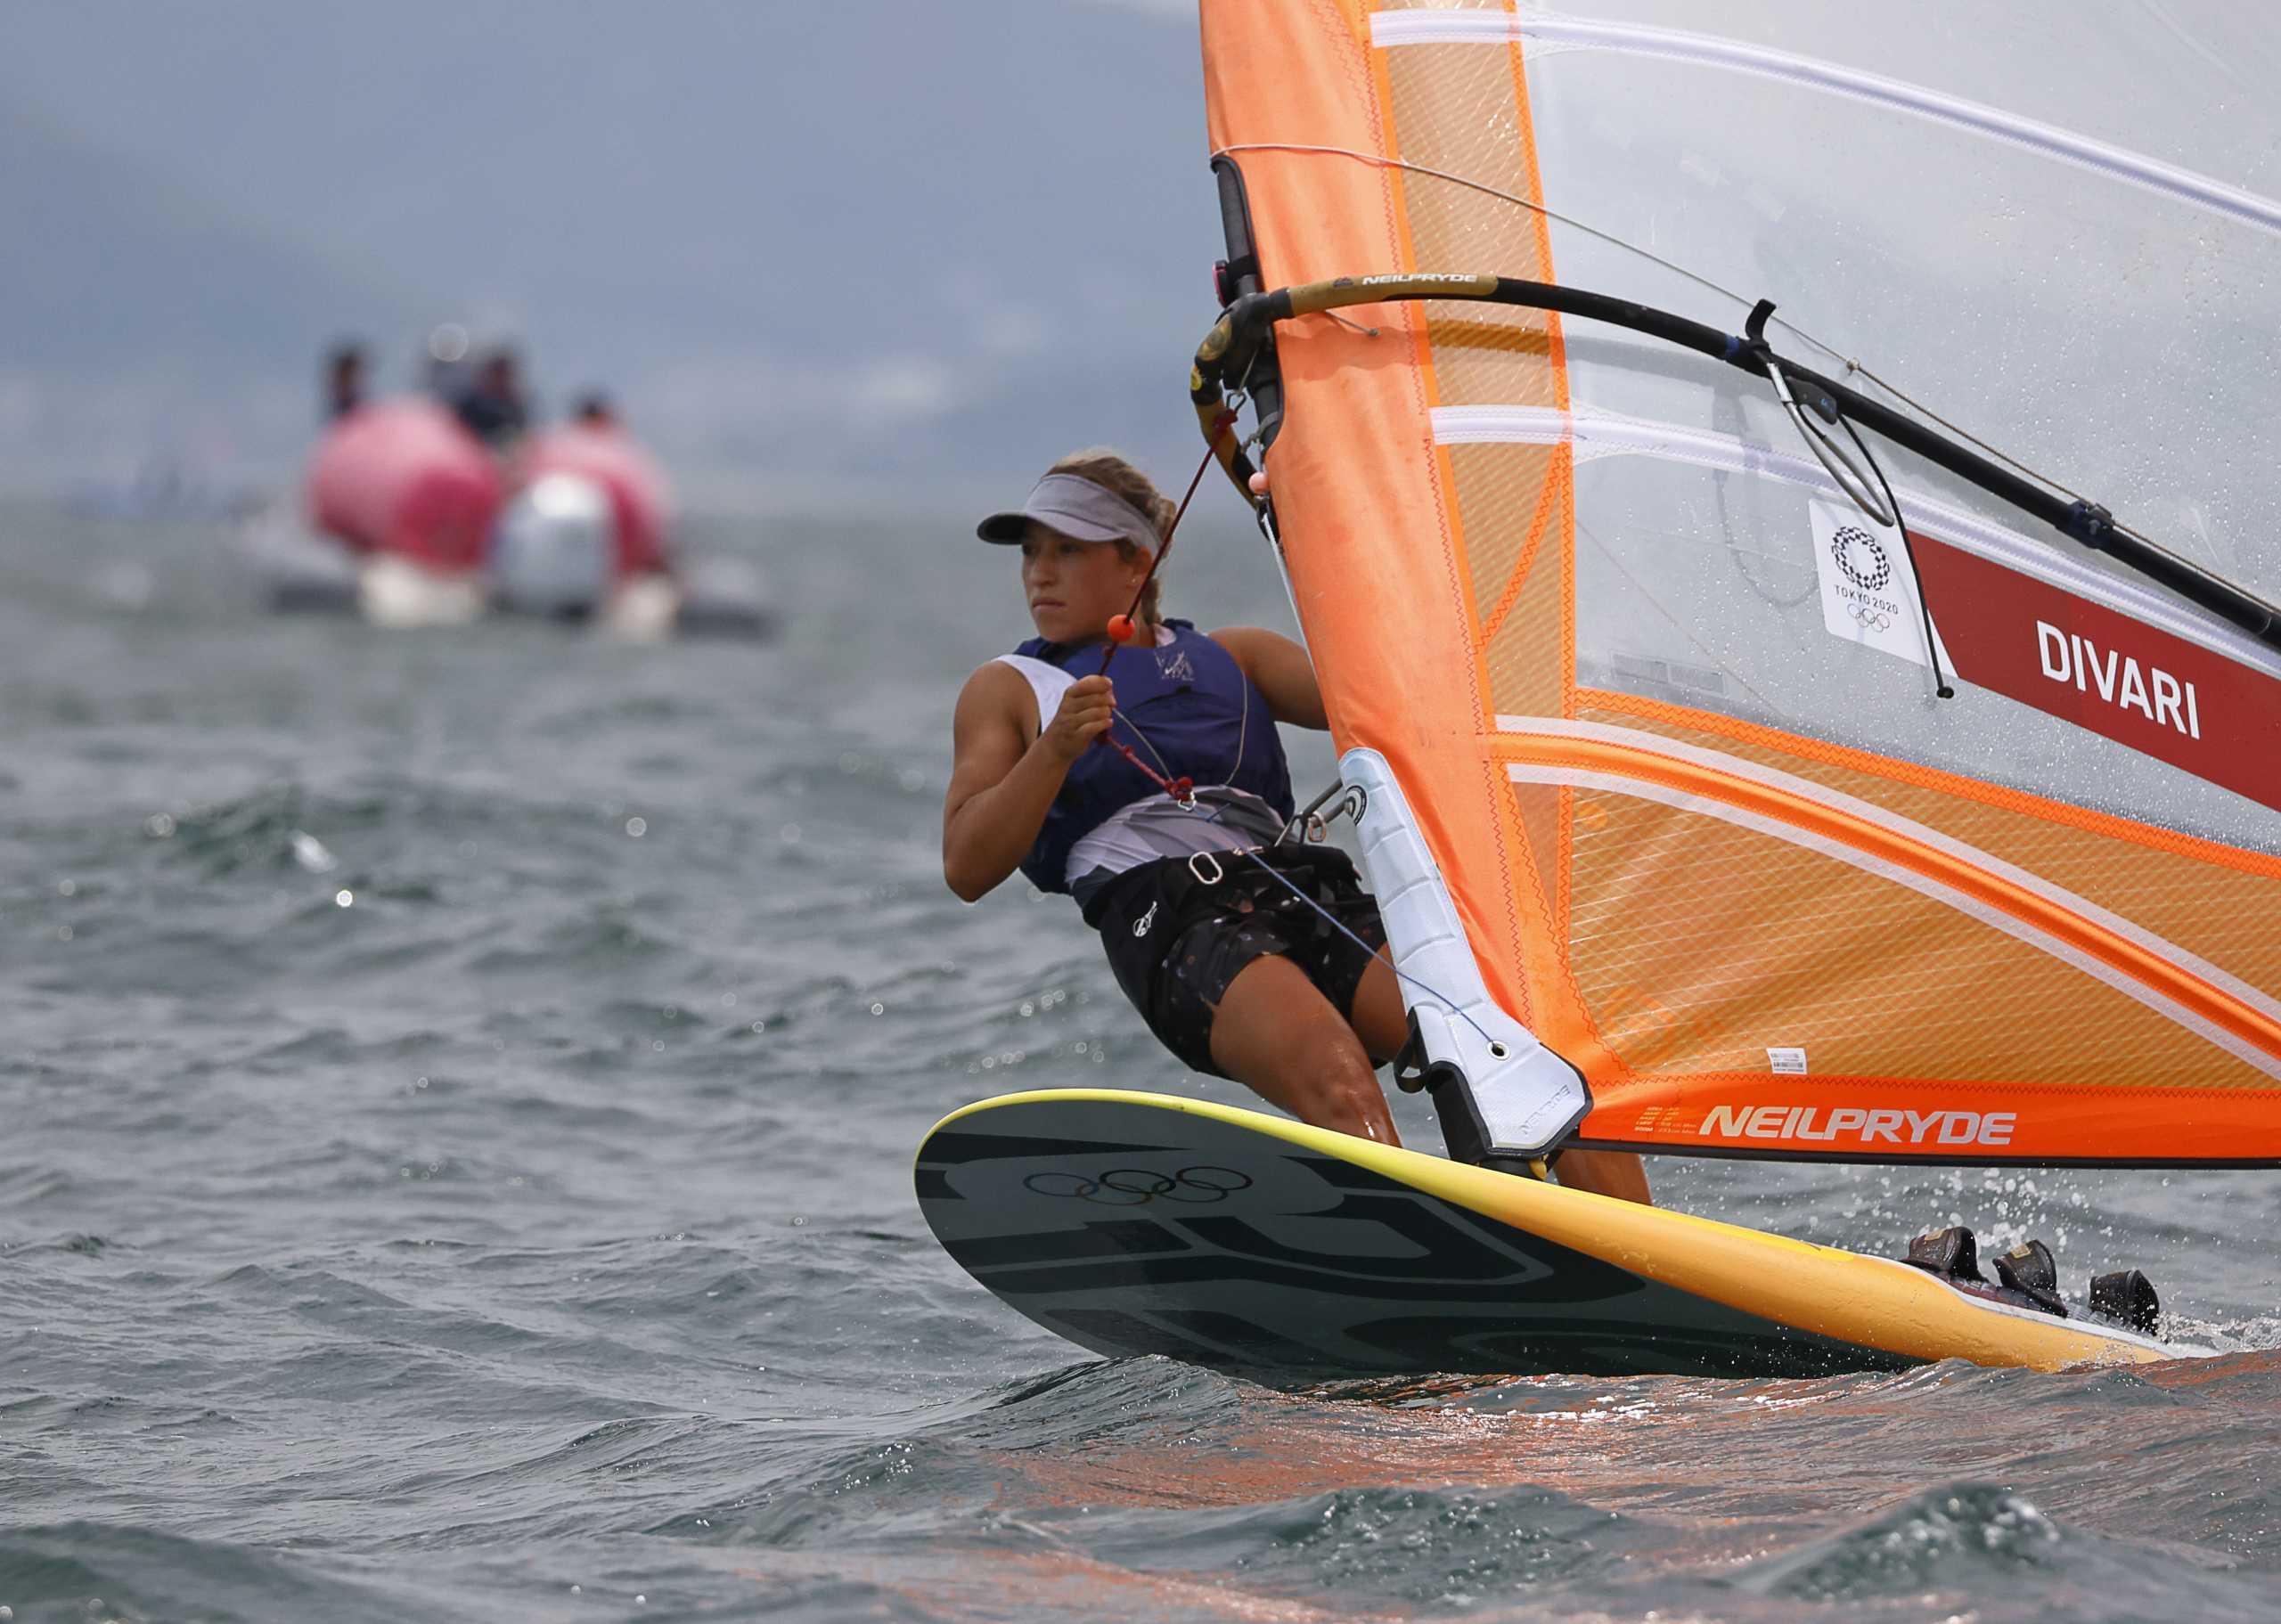 Ολυμπιακοί Αγώνες: Η Κατερίνα Δίβαρη 19η στην τελική κατάταξη στα RS:X